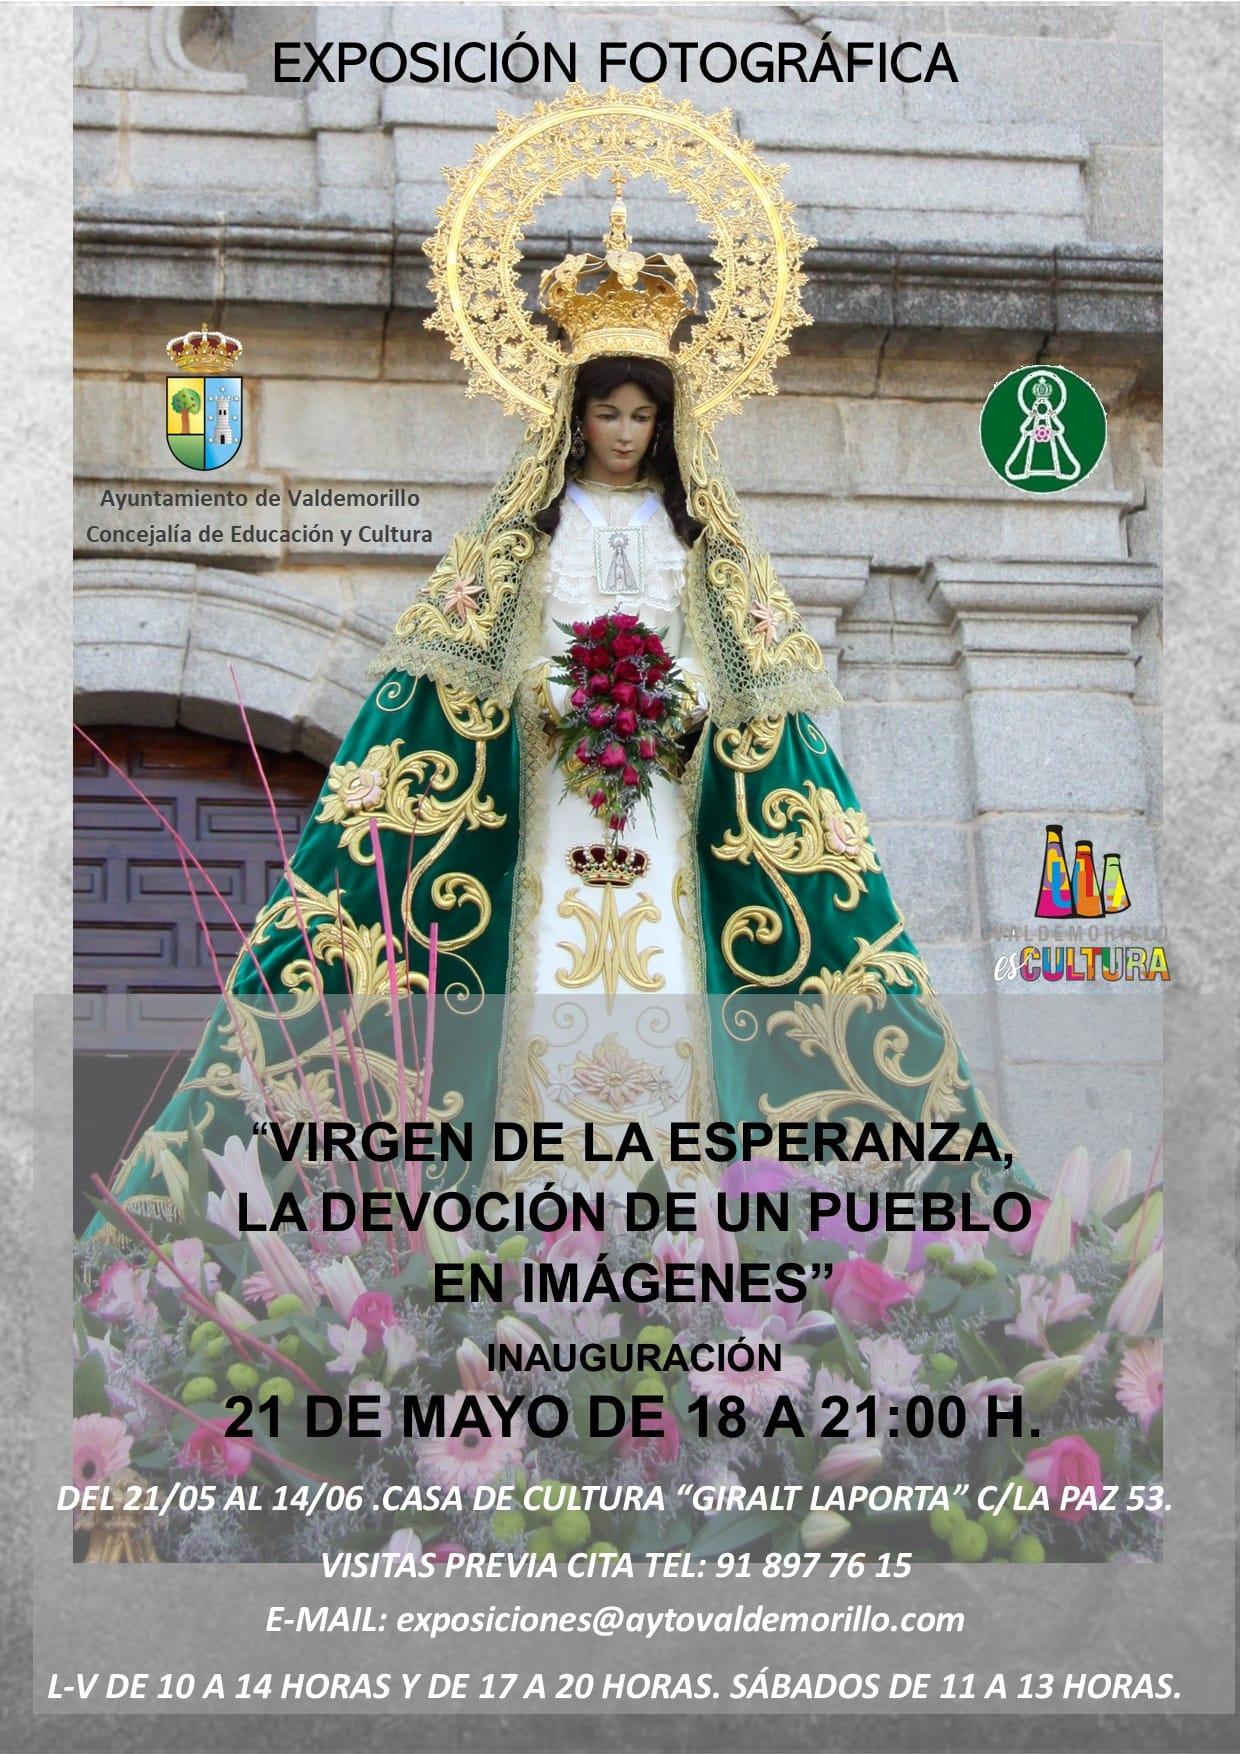 Más de un siglo de devoción por la Virgen de la Esperanza en imágenes